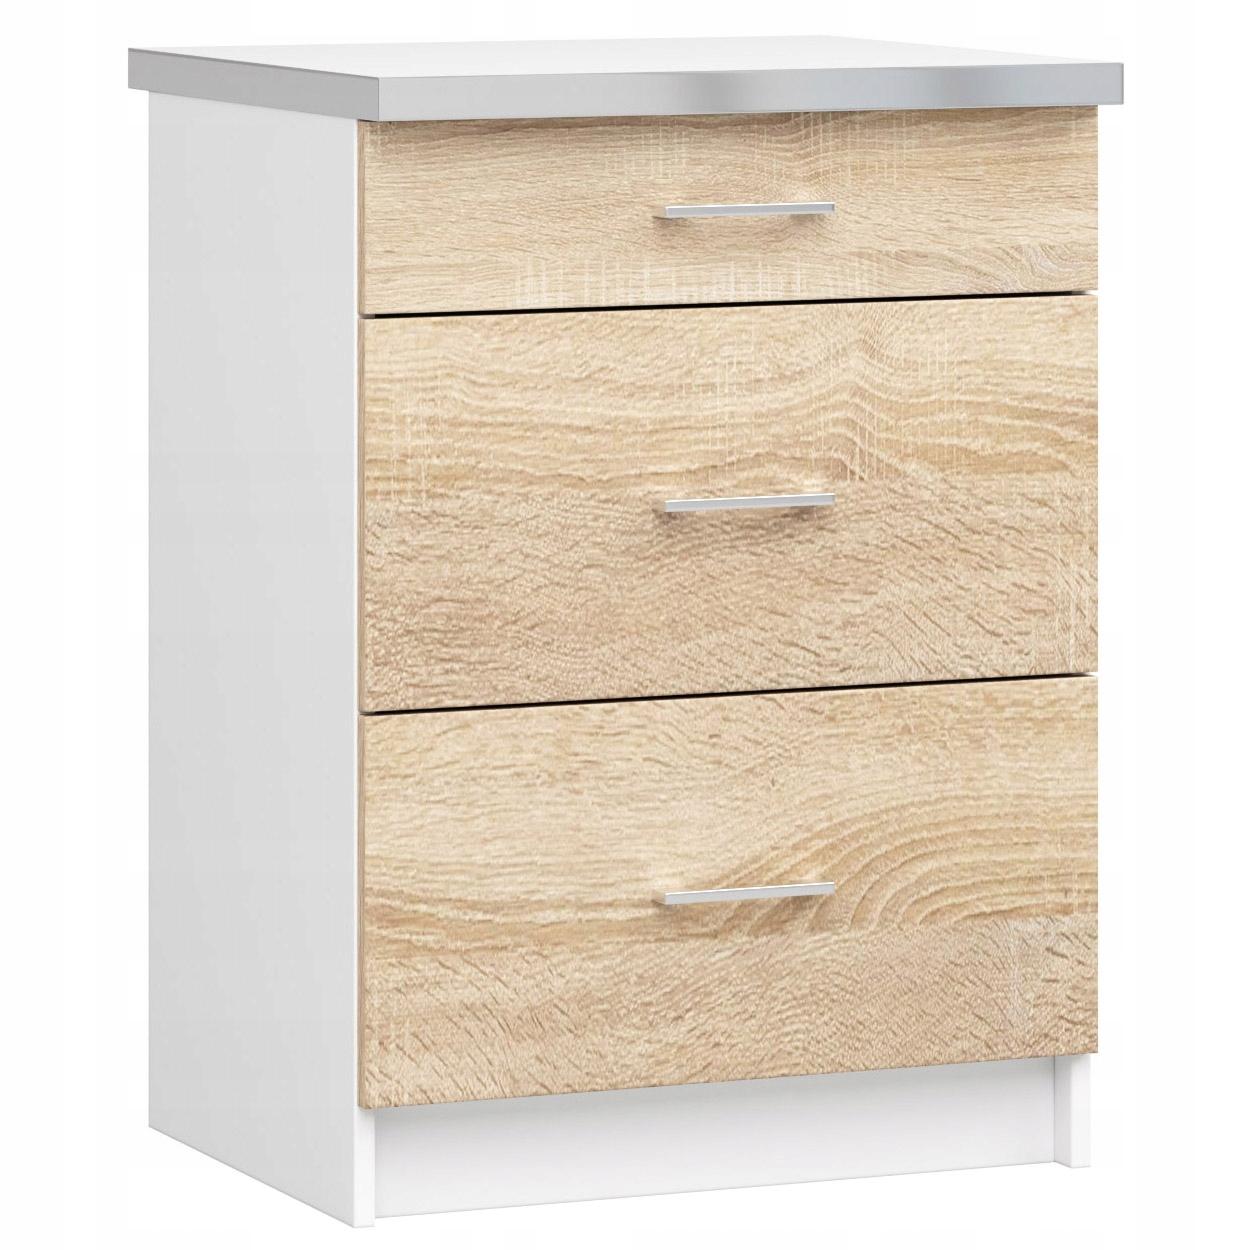 ШКАФ кухонная 60cm 3 ящик сонома /белая СТОЛЕШНИЦУ